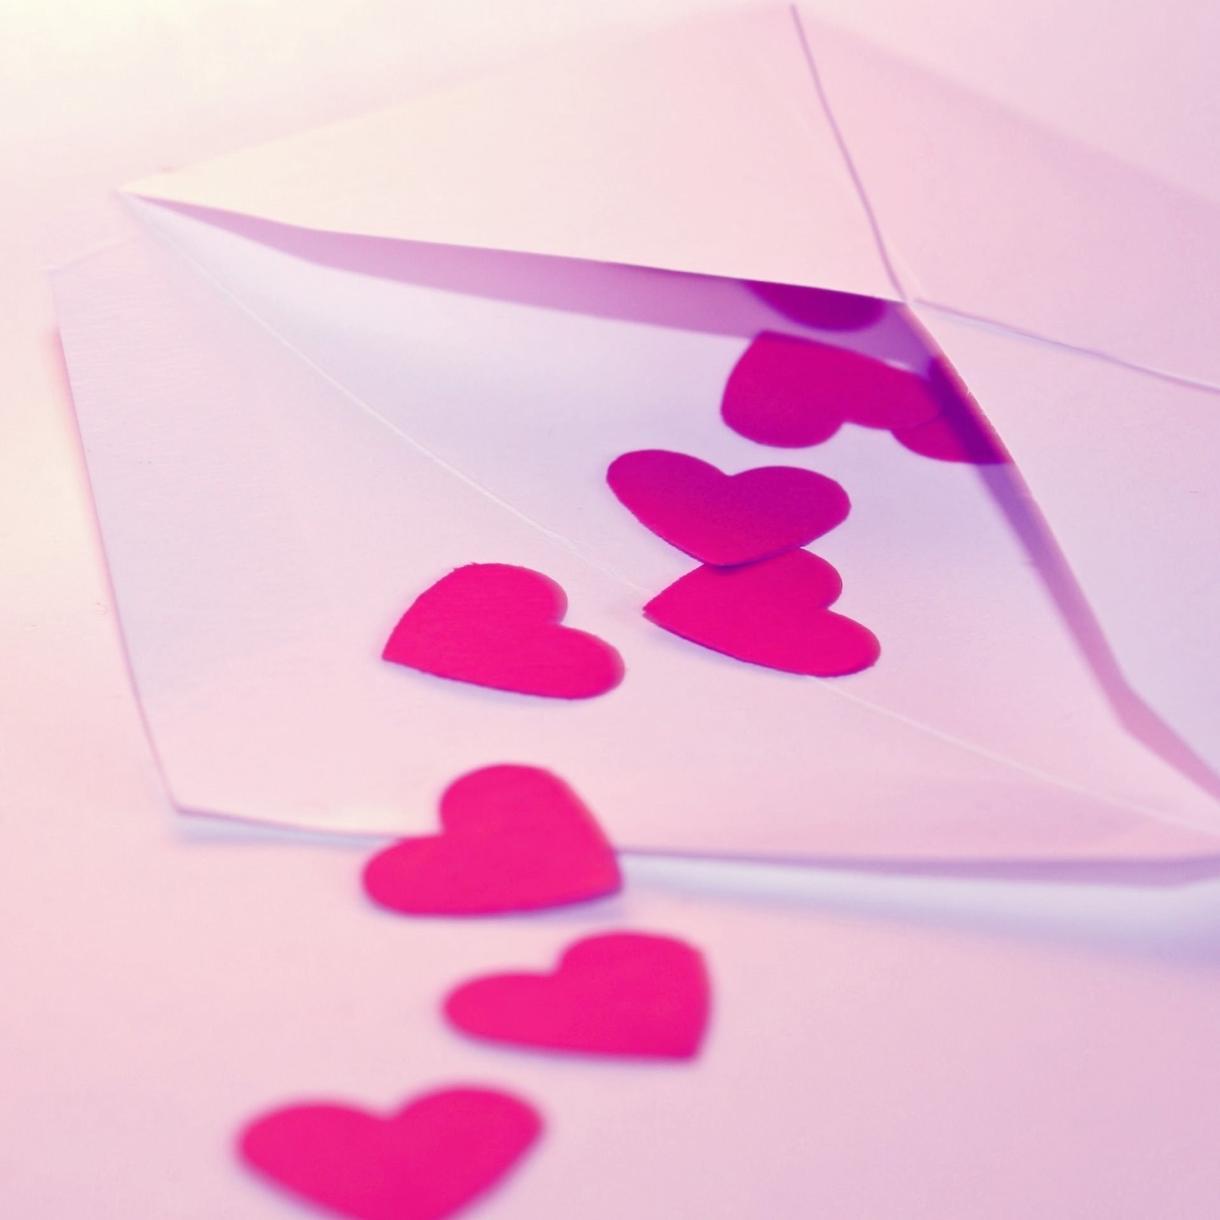 理想の手紙お書きします あなたの元へお手紙で愛をお届け!